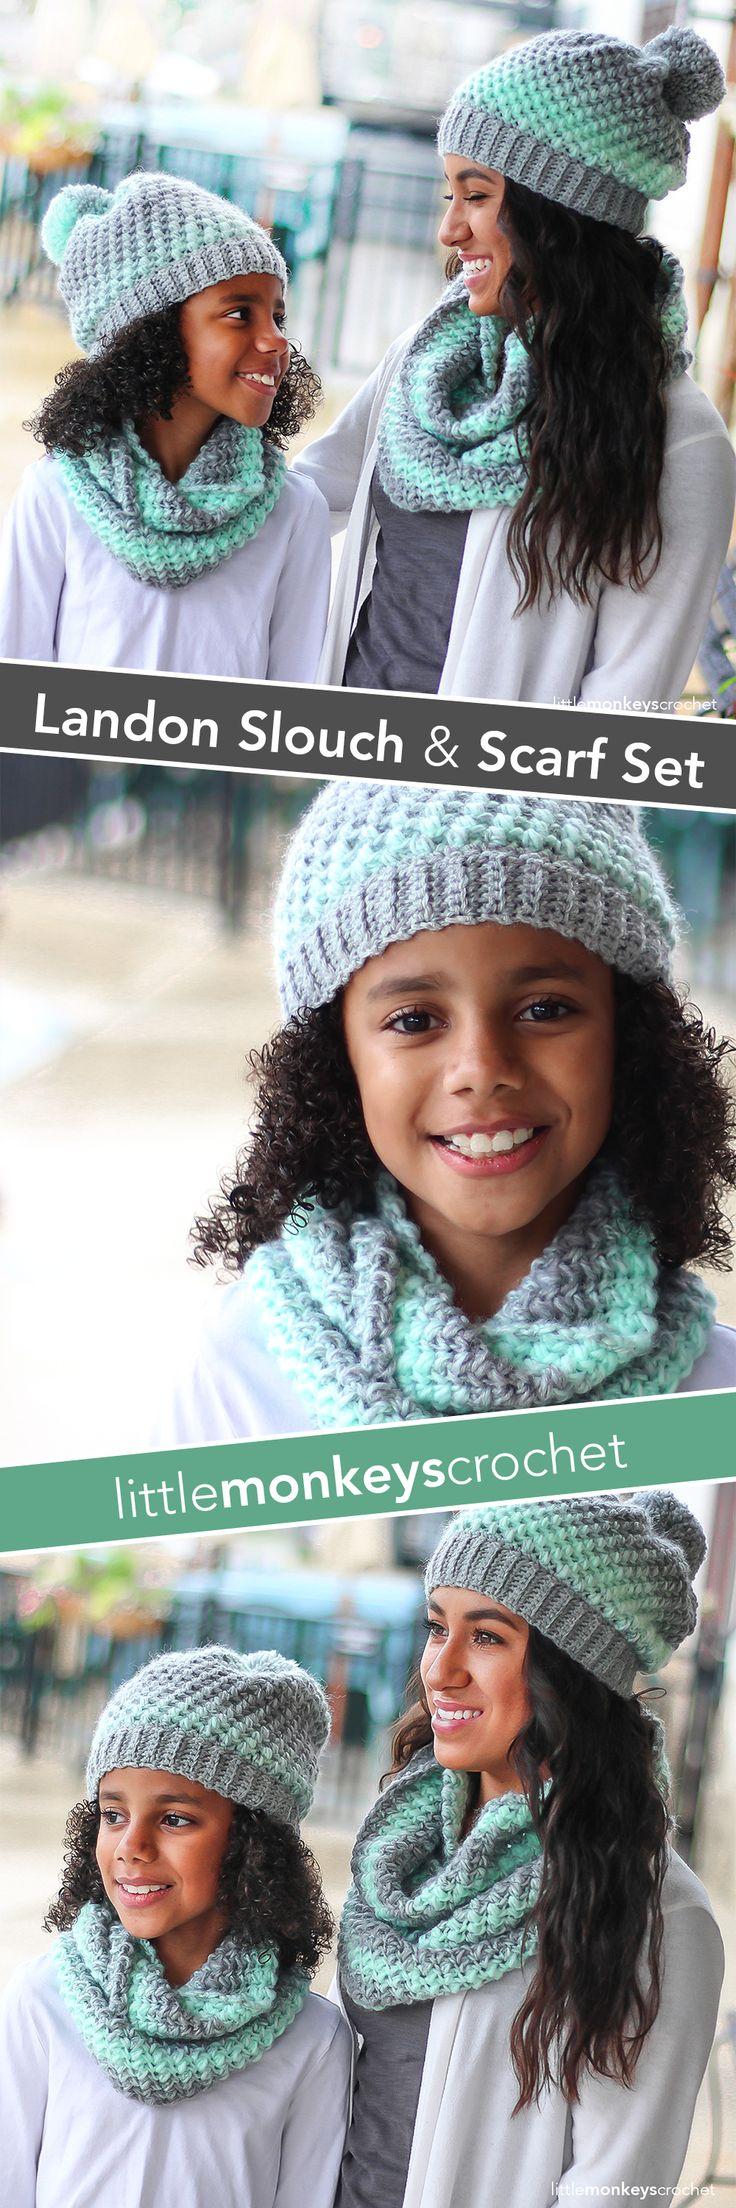 Landon Slouch Hat & Infinity Scarf - Free Crochet Pattern Set at Little Monkeys Crochet